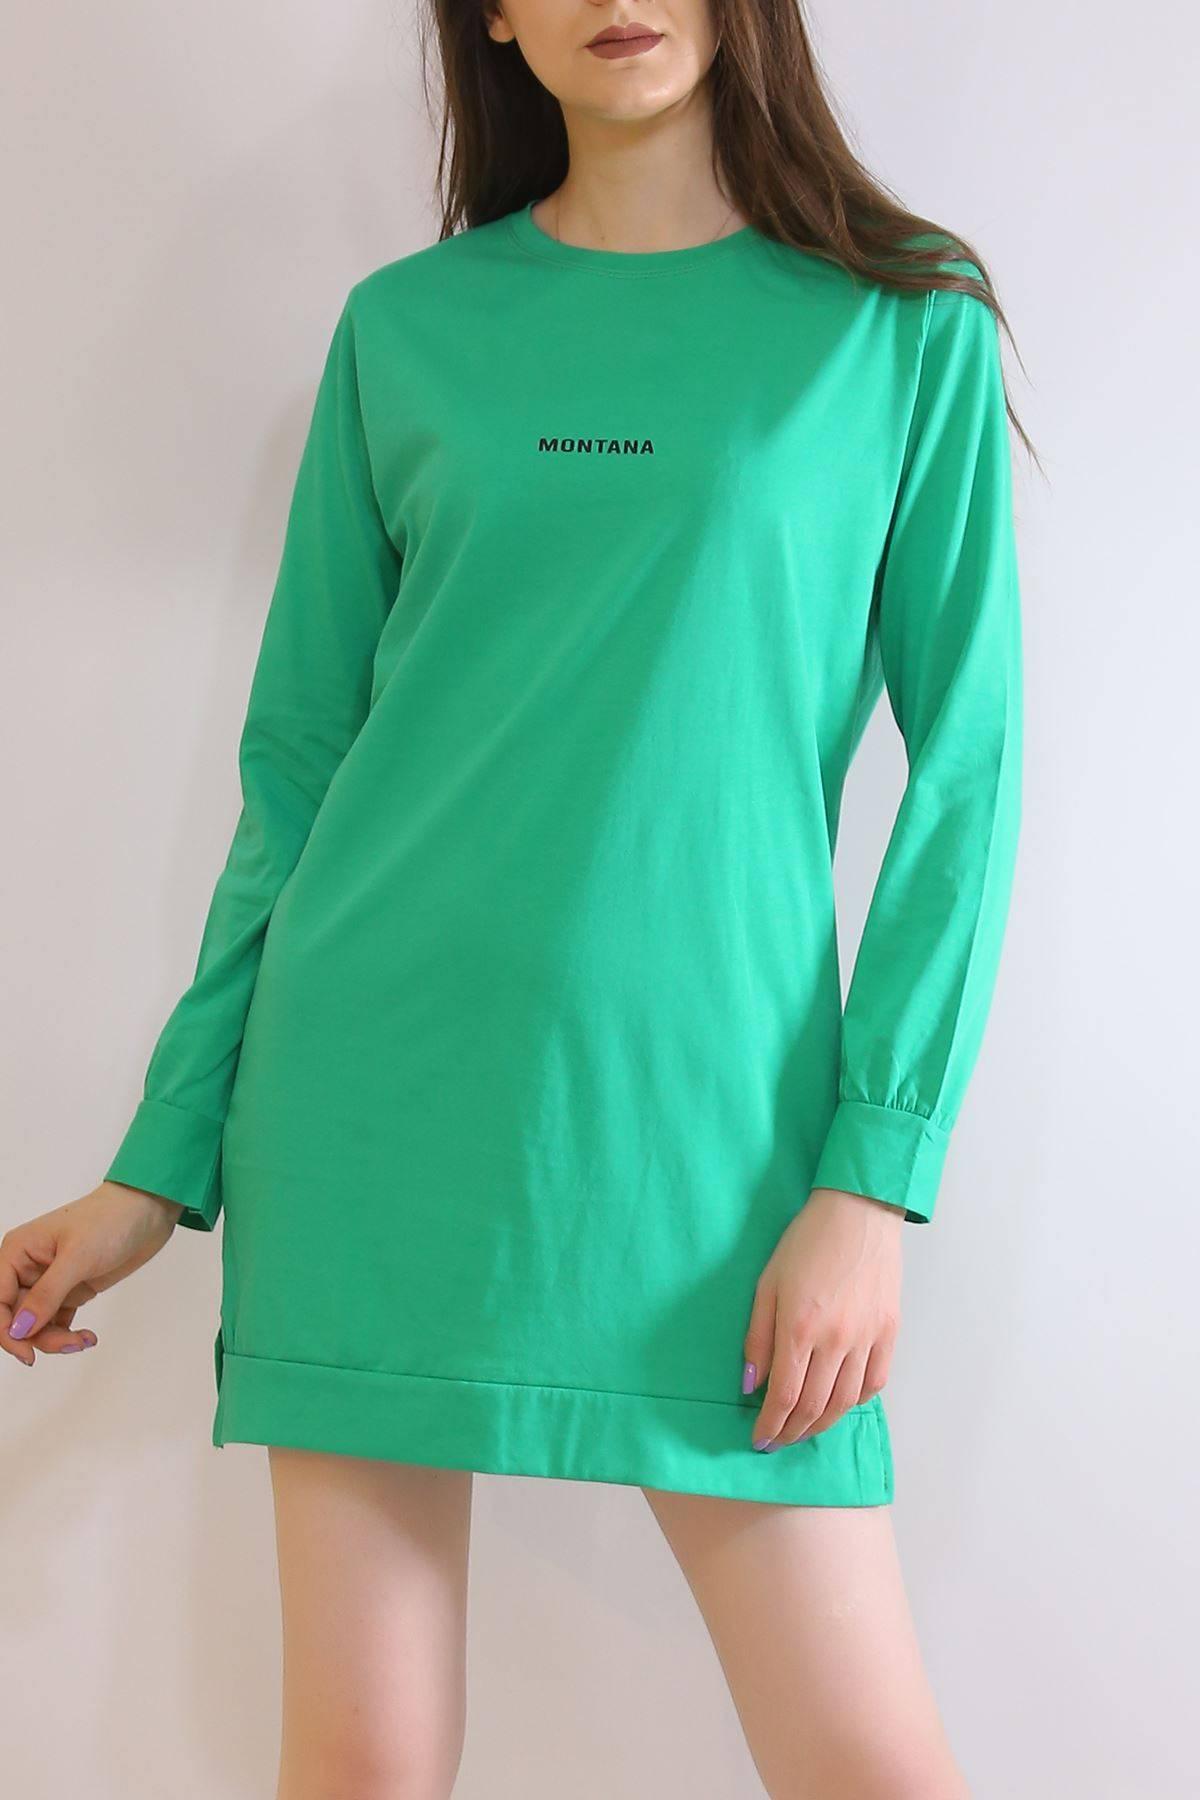 İki İplik Tunik Sweat Yeşil - 3152.105.